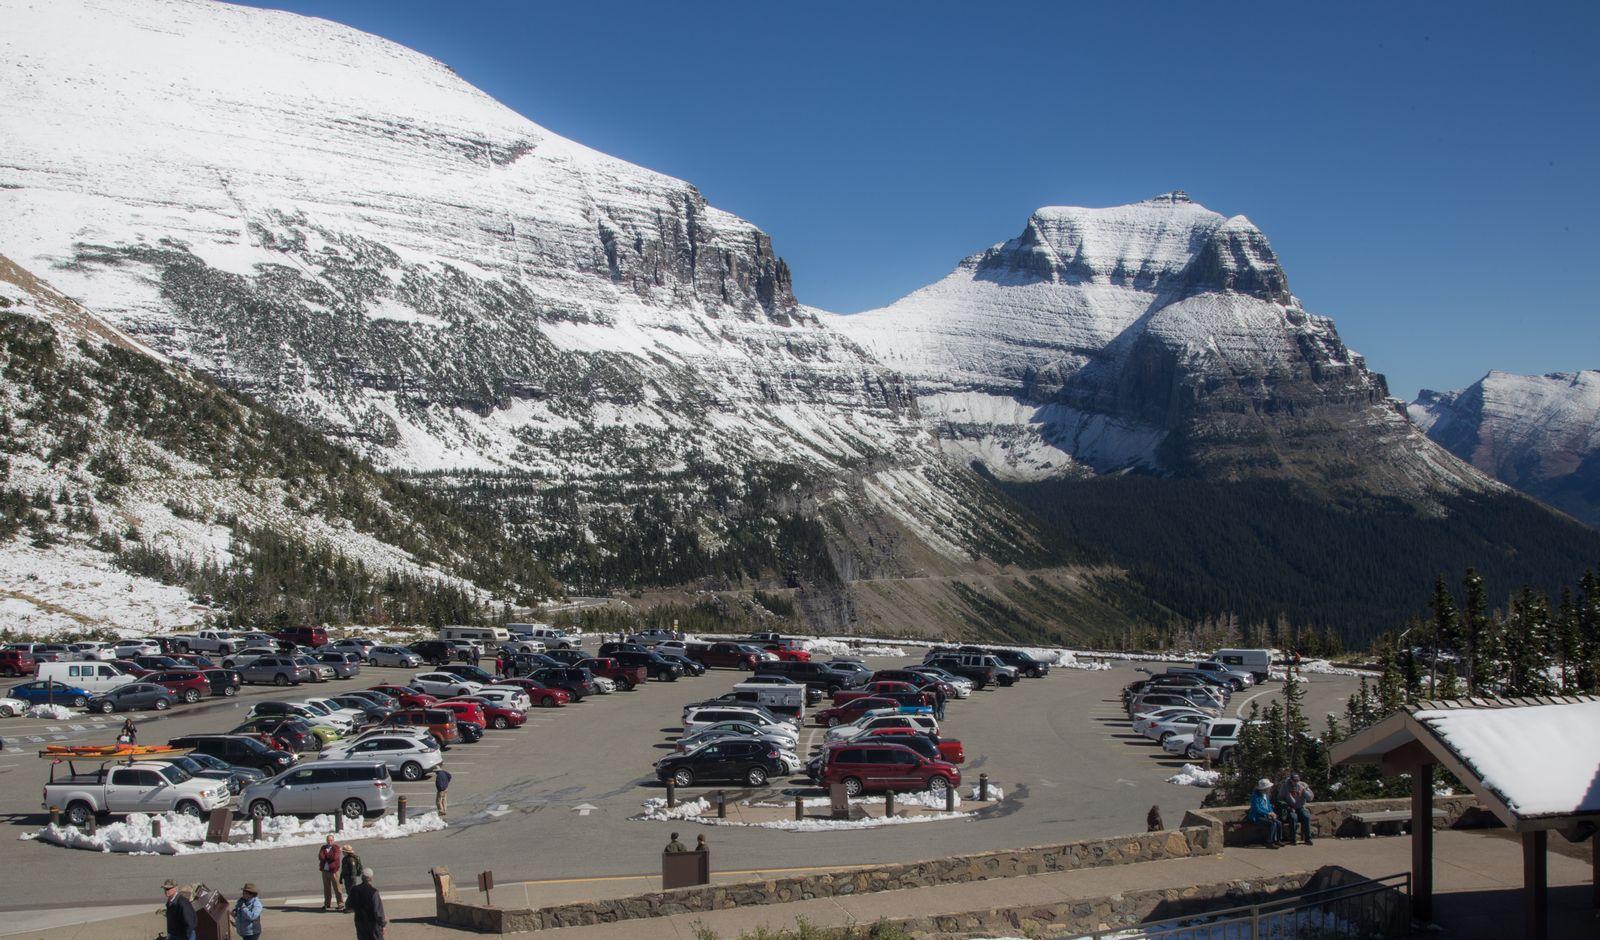 El poblado aparcamiento de Logan Pass